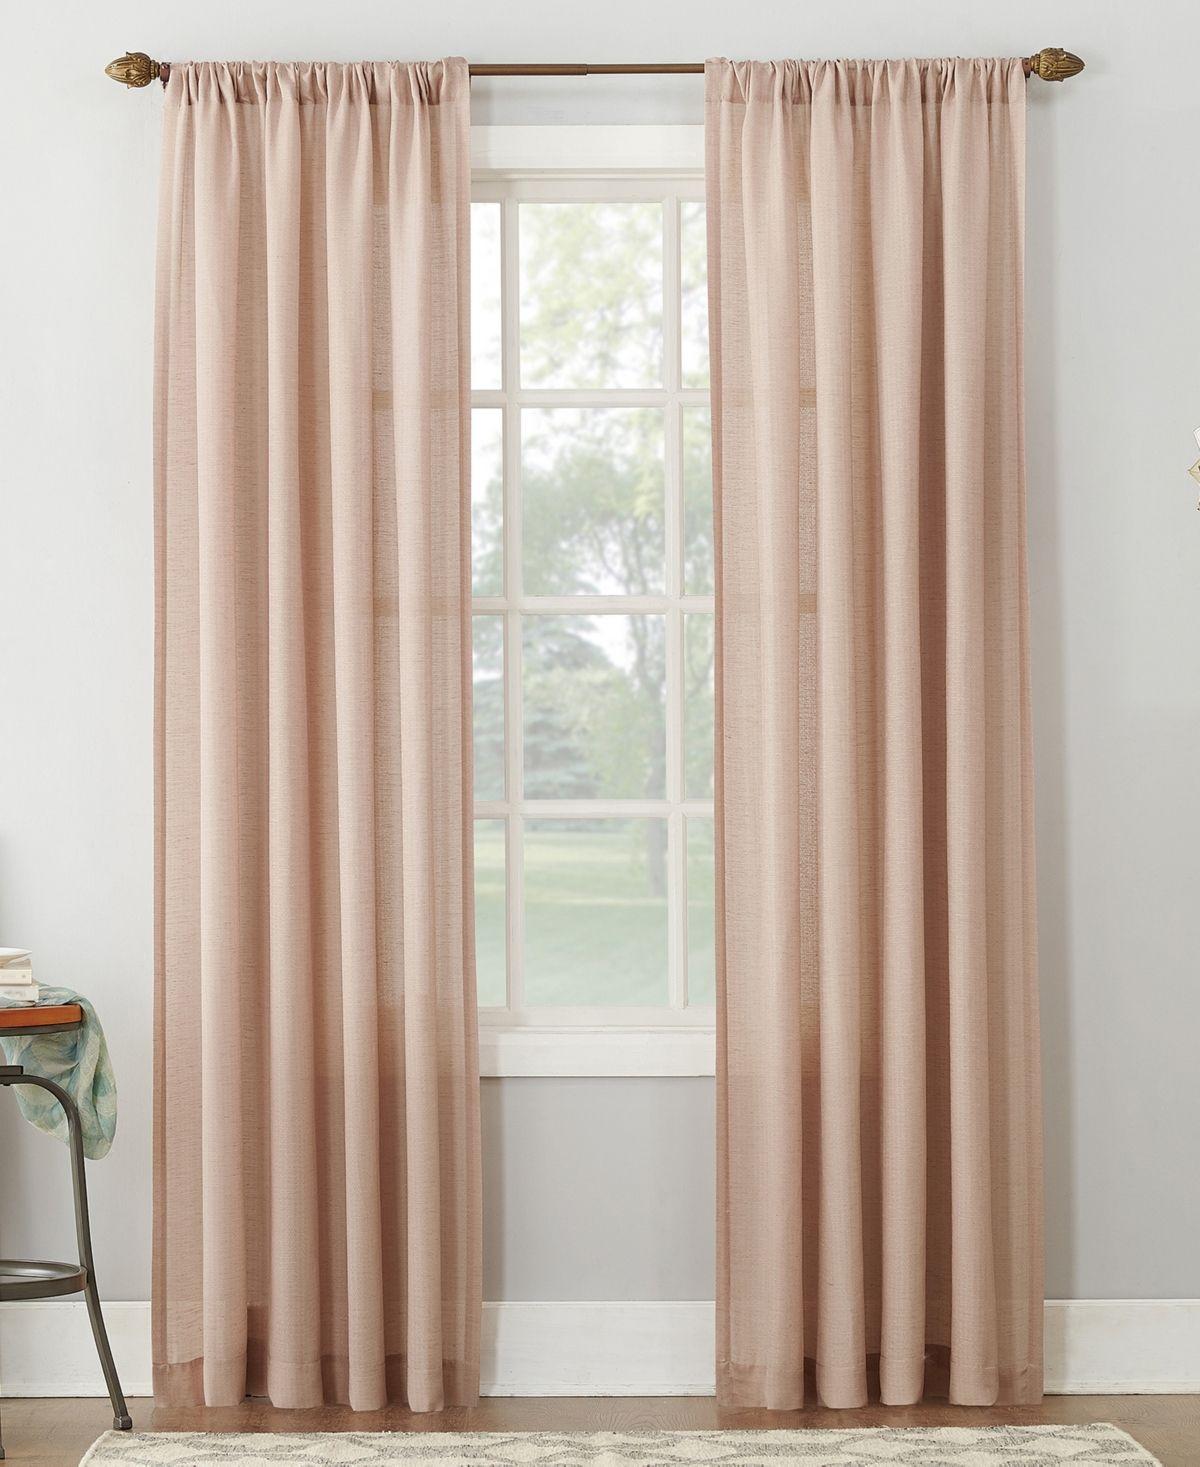 Lichtenberg No 918 Amalfi 54 X 95 Linen Blend Textured Sheer